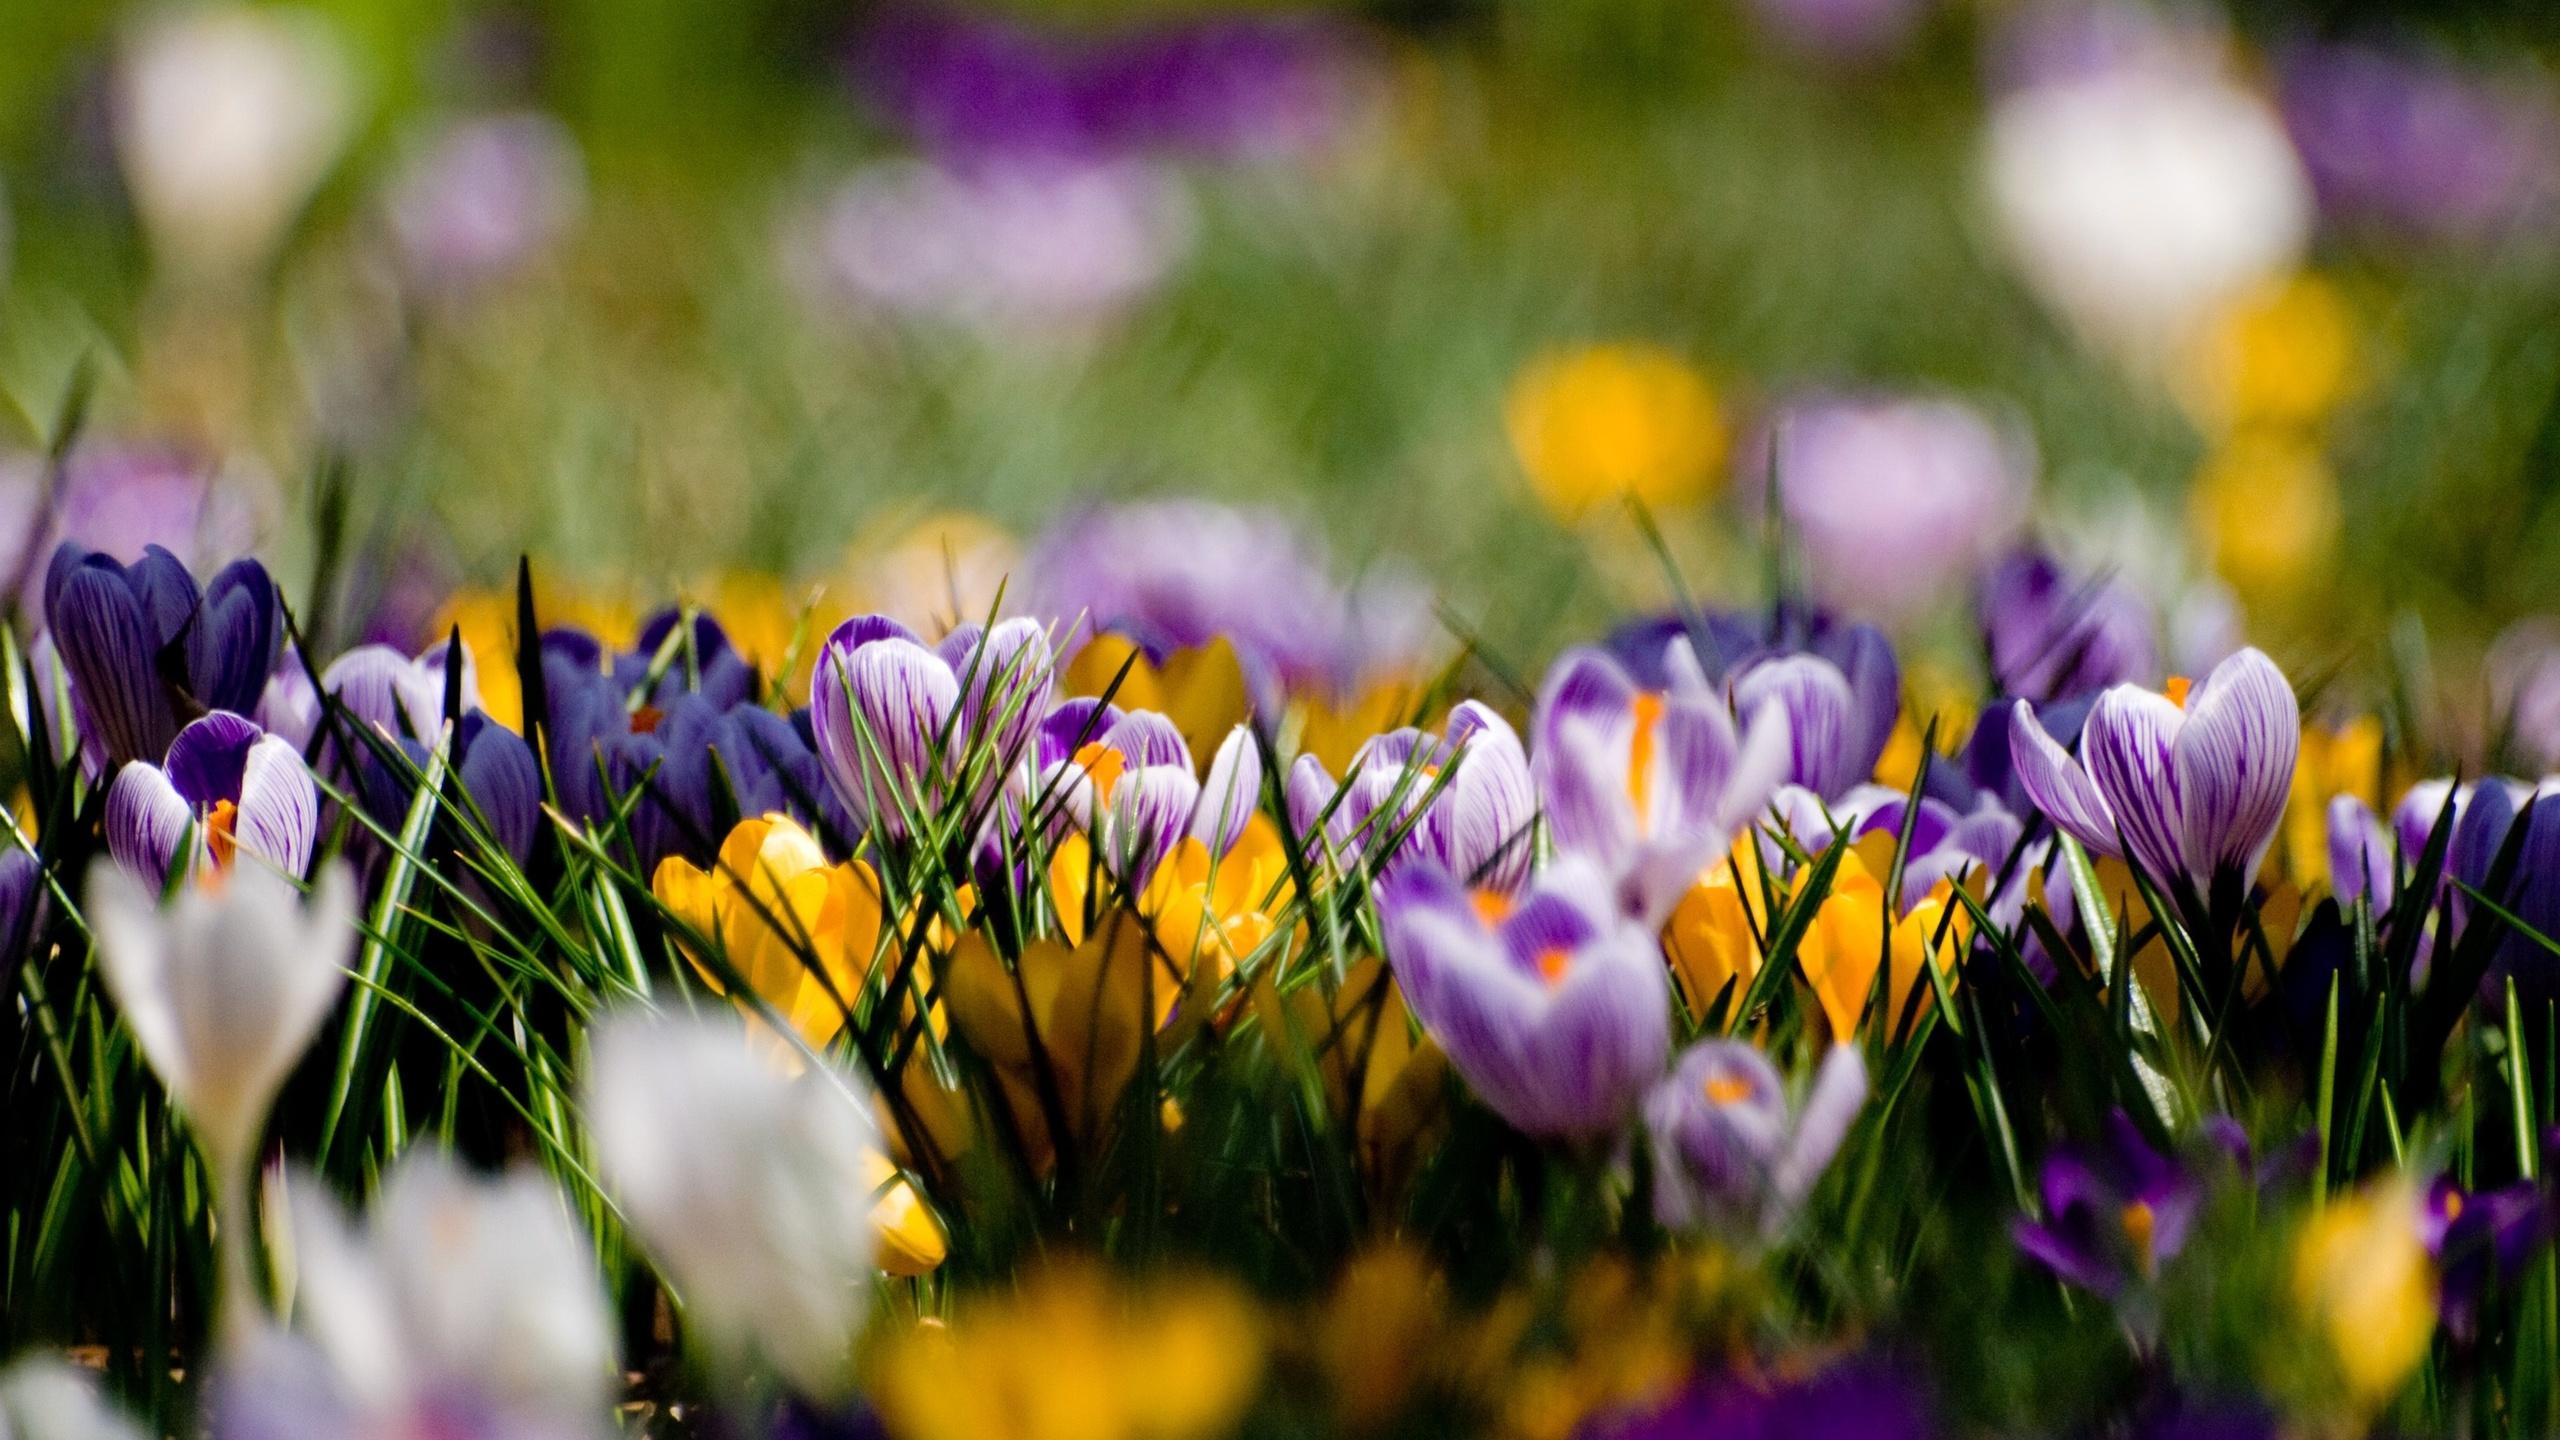 фото весна природа хорошего качества если